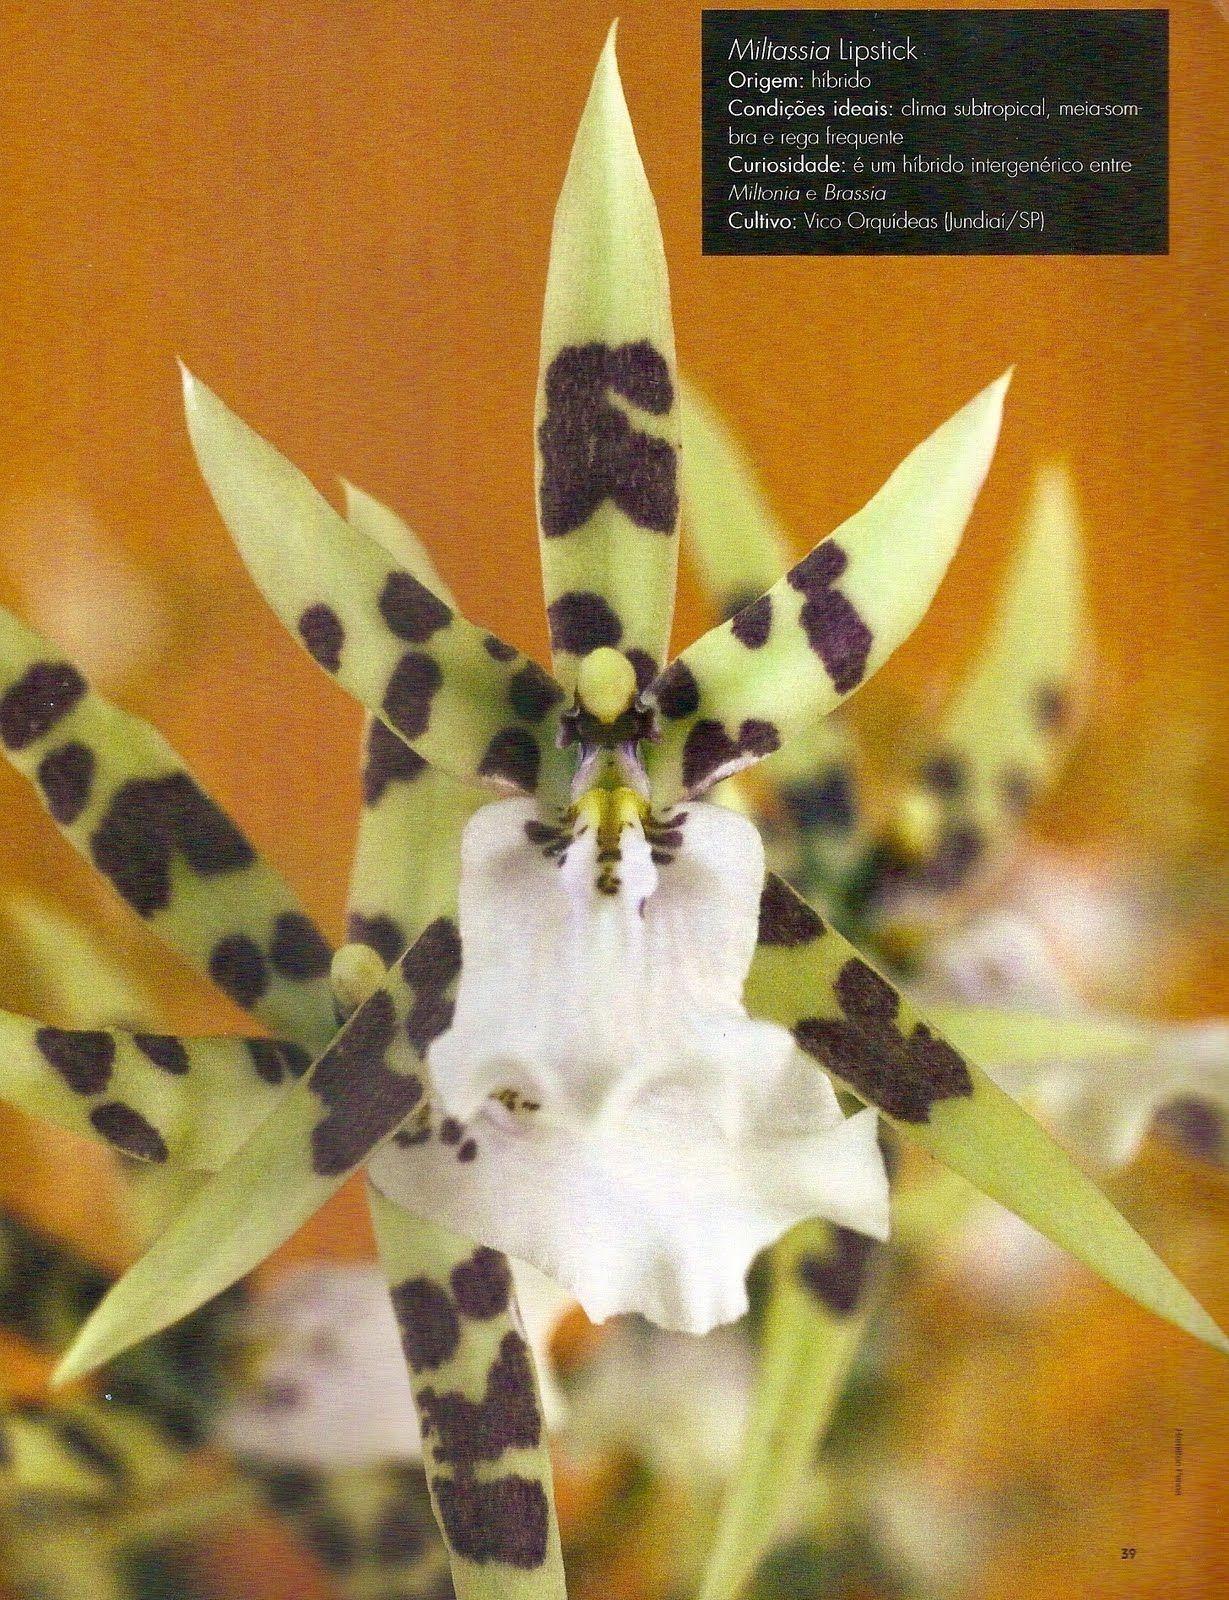 Paixão por orquídeas - Meu orquidário: Sobre as Orquídeas...